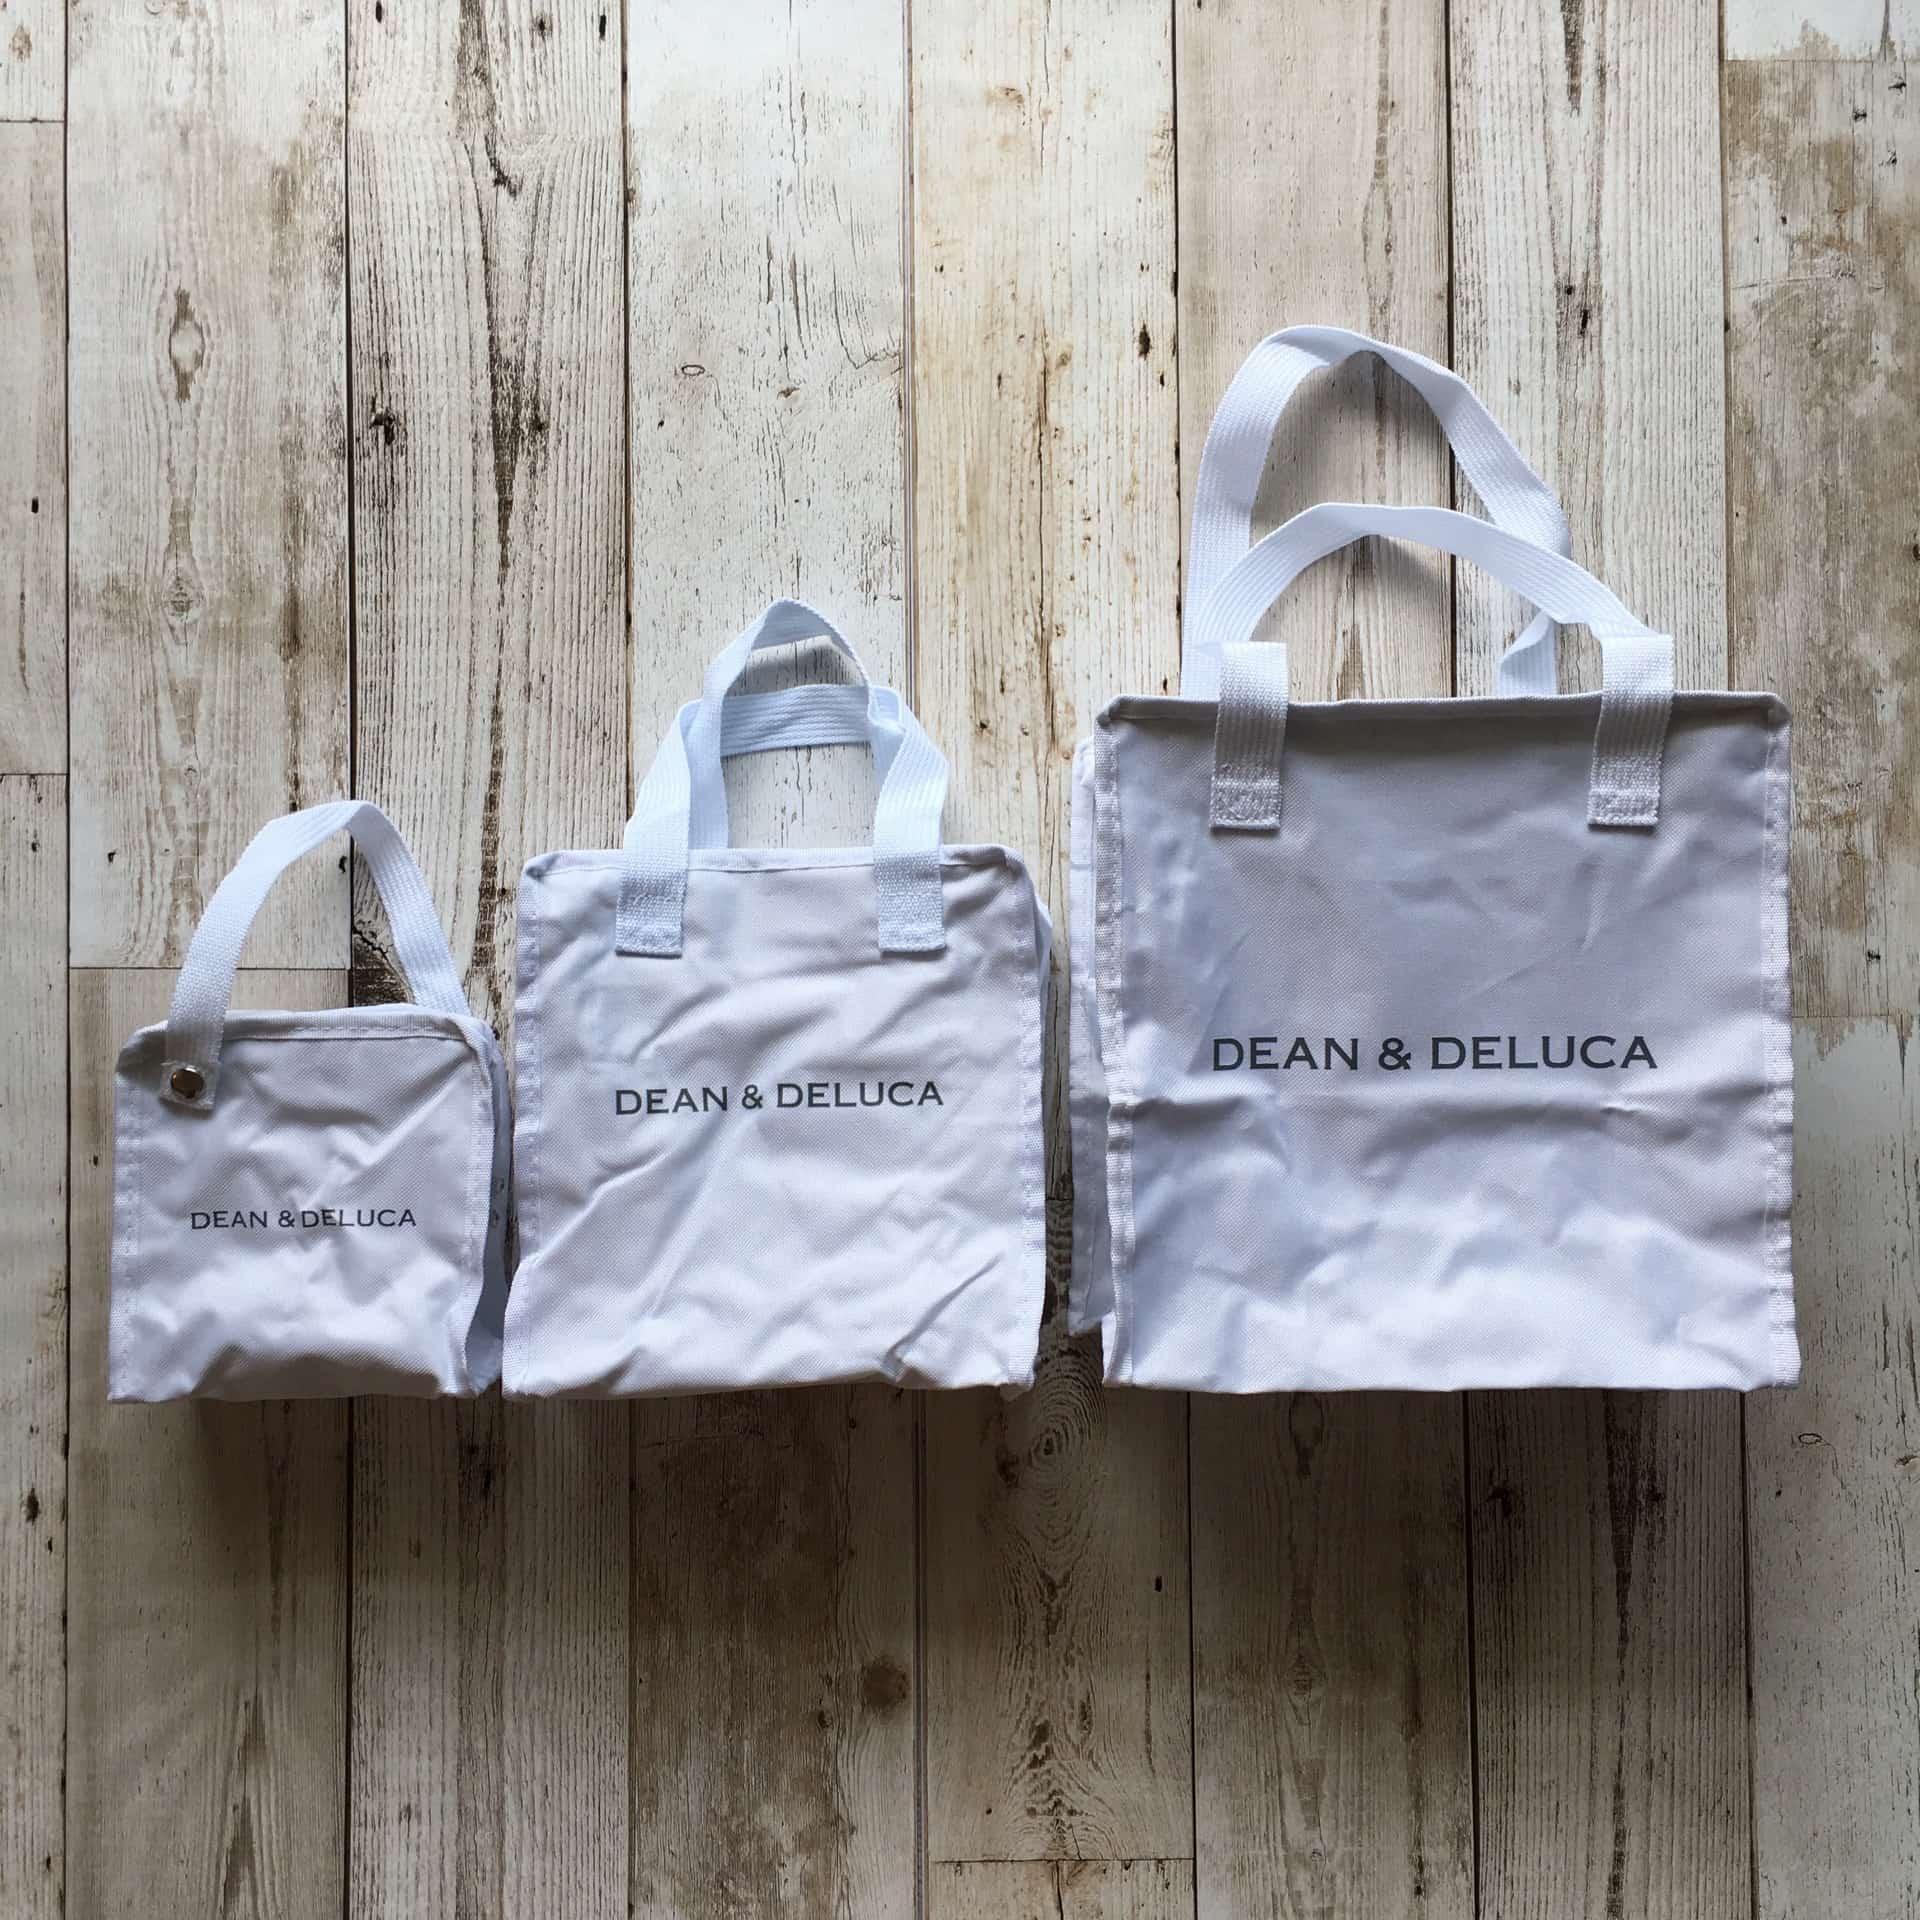 GLOW8月号付録「ディーン&デルーカ」の保冷バッグが今回も人気&優秀すぎる!